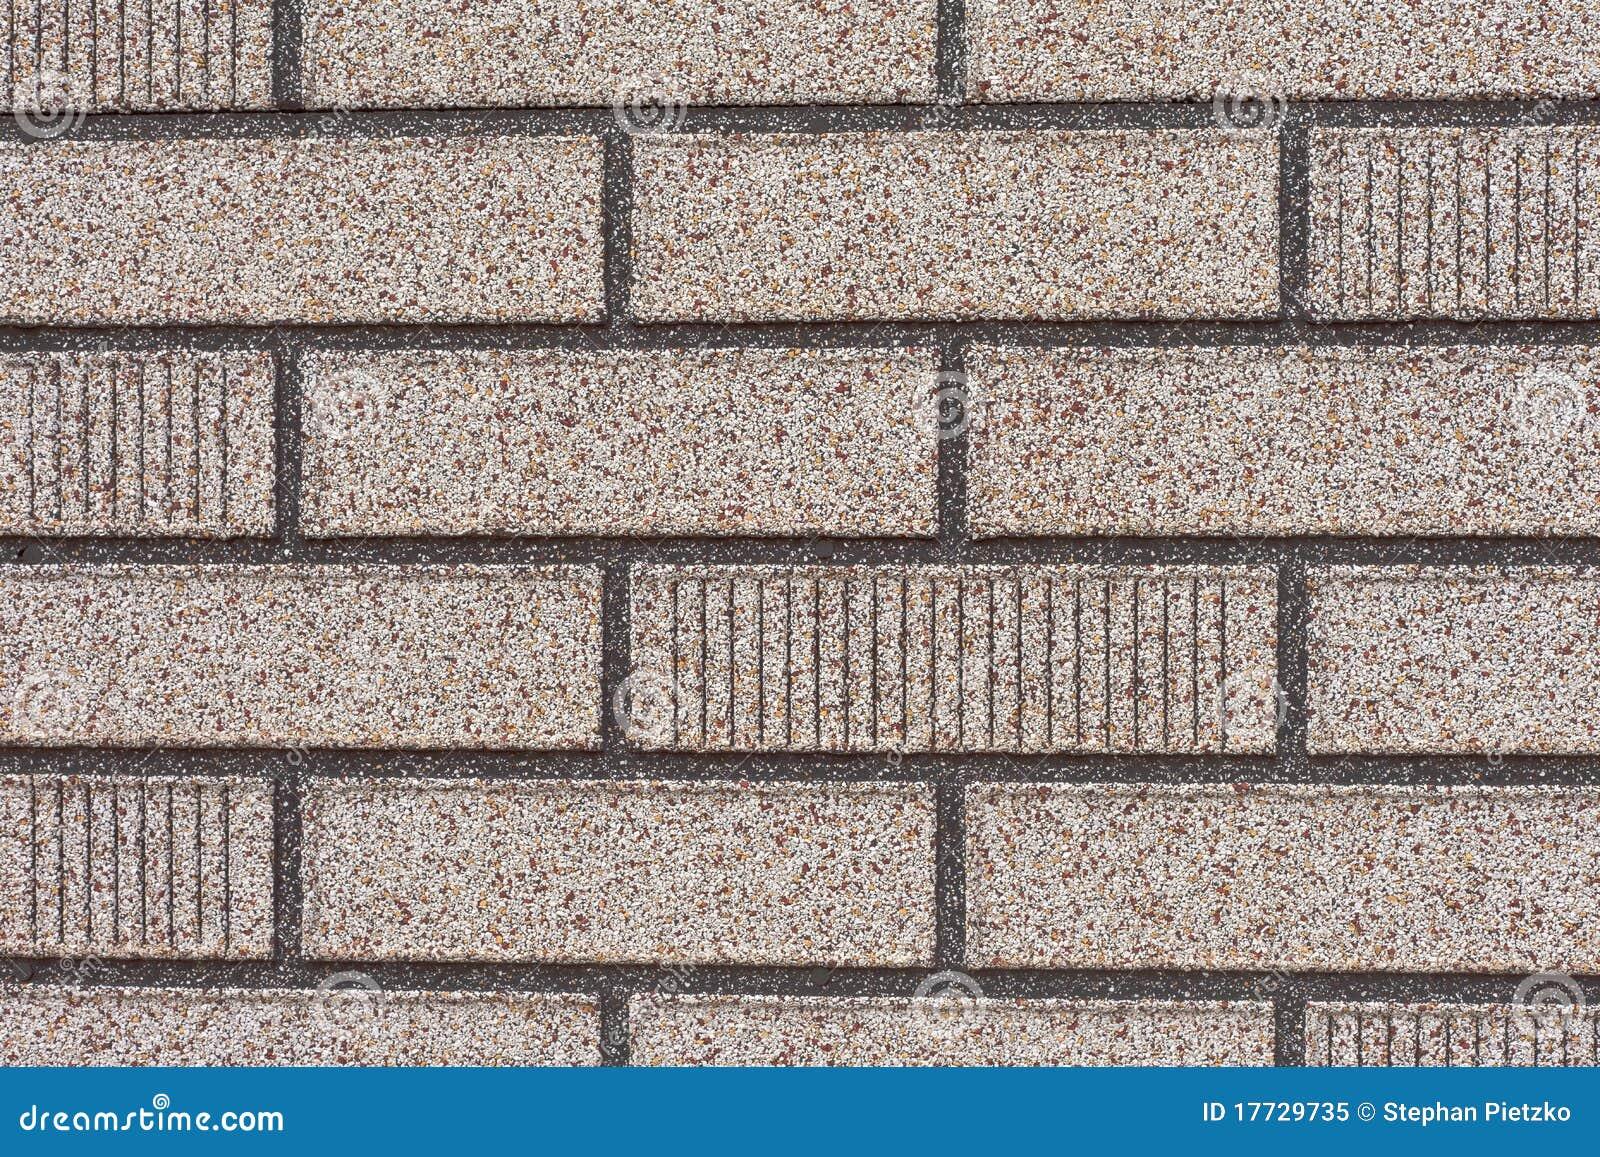 voie de garage grise fausse de mur de briques image stock image 17729735. Black Bedroom Furniture Sets. Home Design Ideas